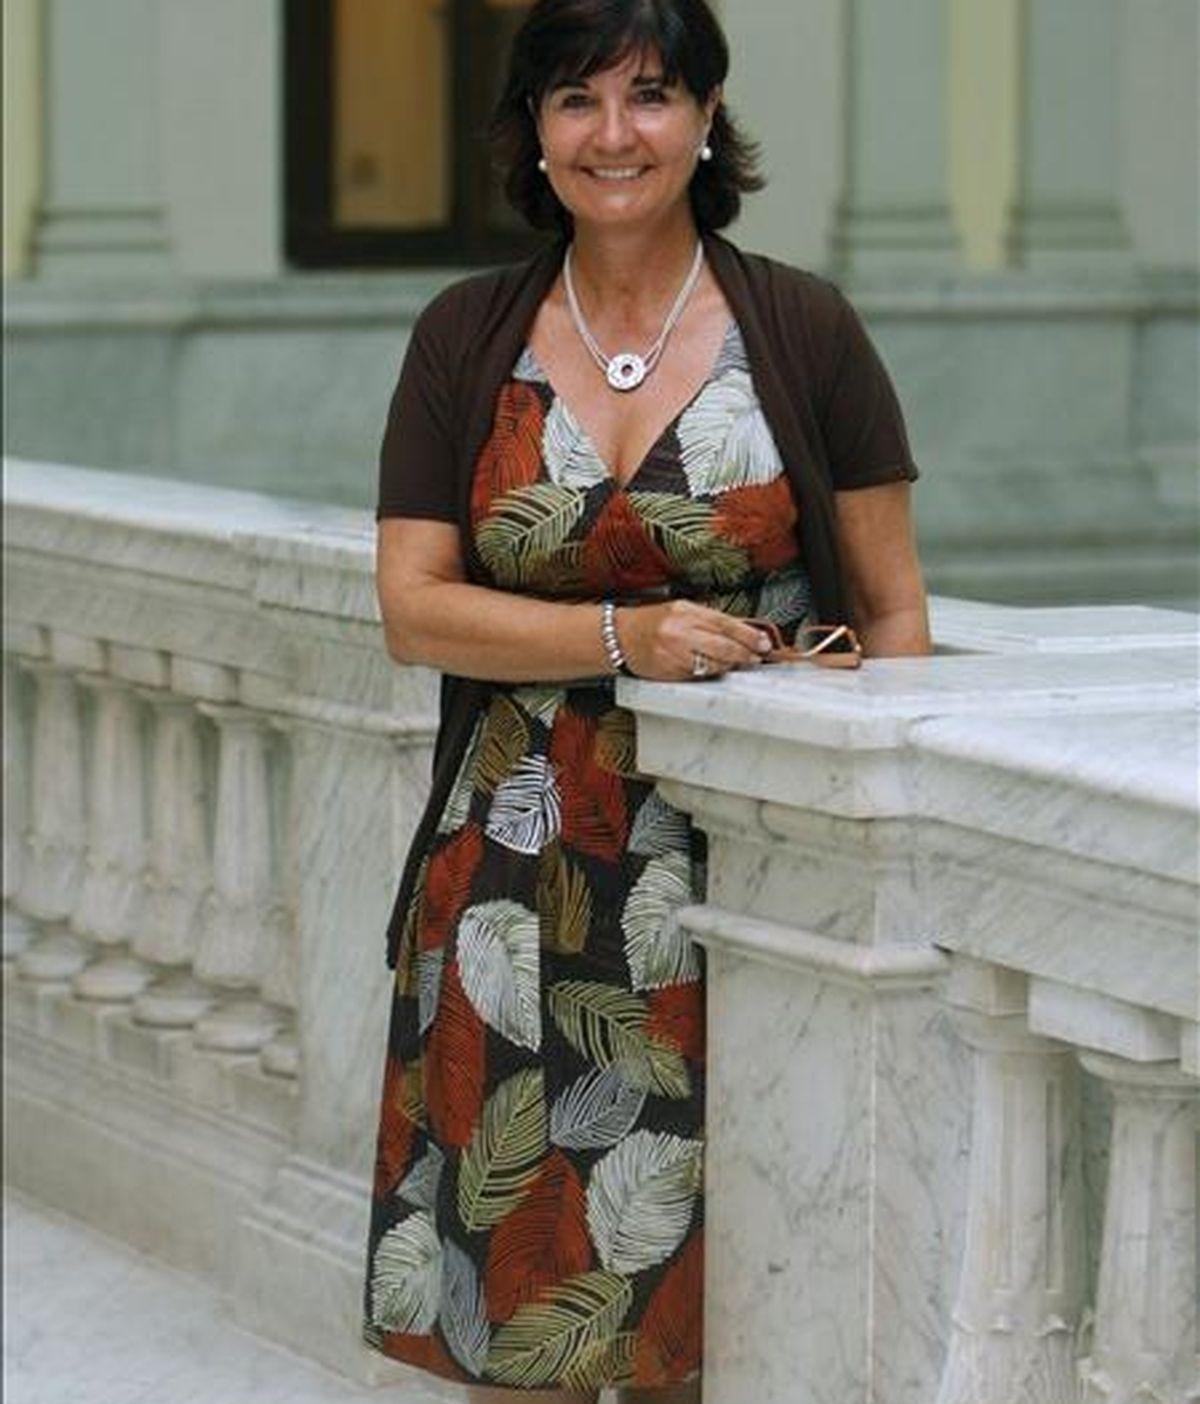 La nueva directora de la Biblioteca Nacional, Glória Pérez-Salmerón posa para los medios. EFE